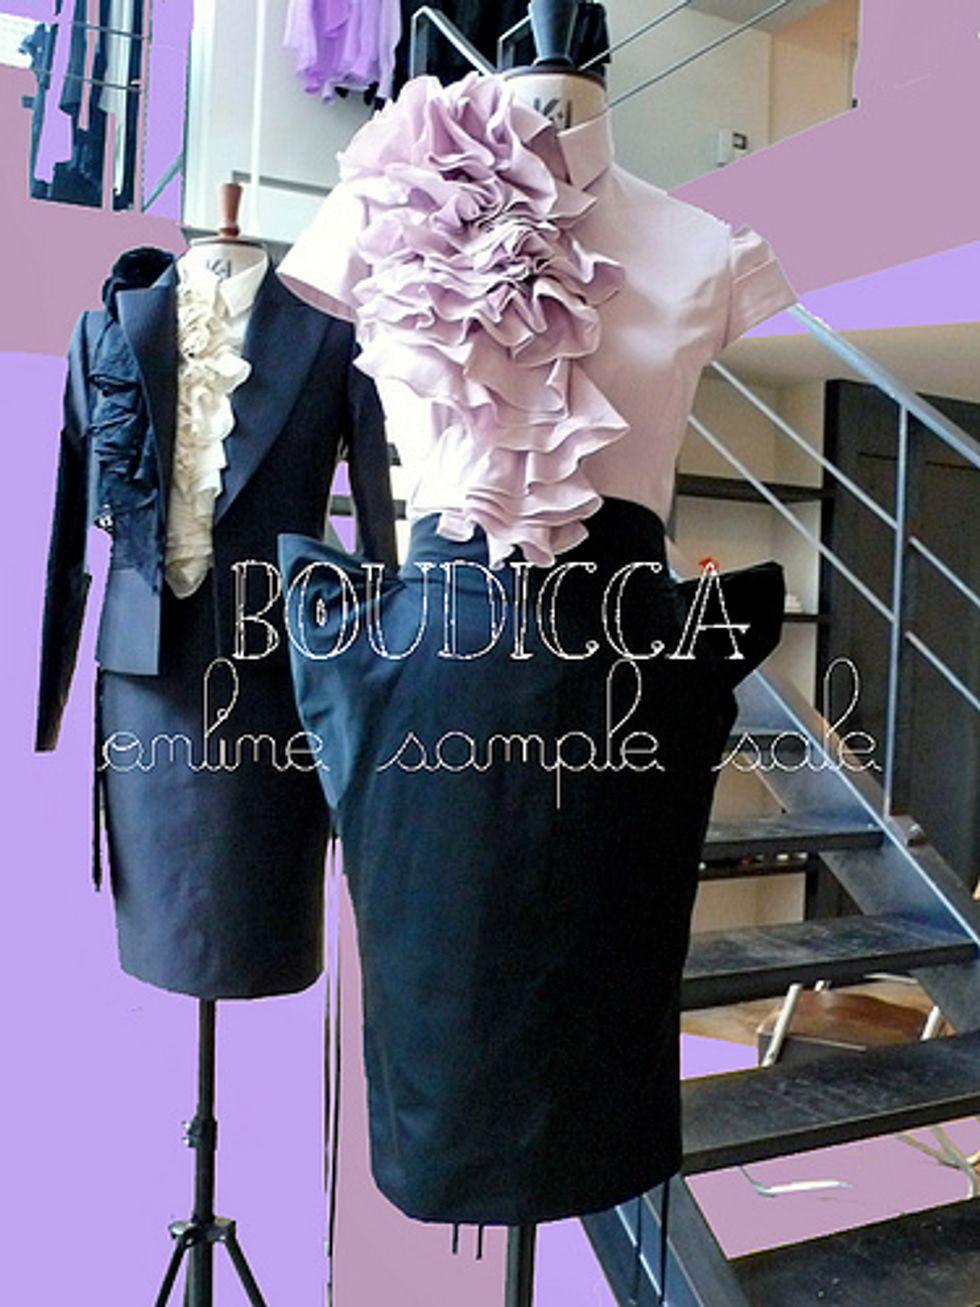 Boudicca Online Sample Sale